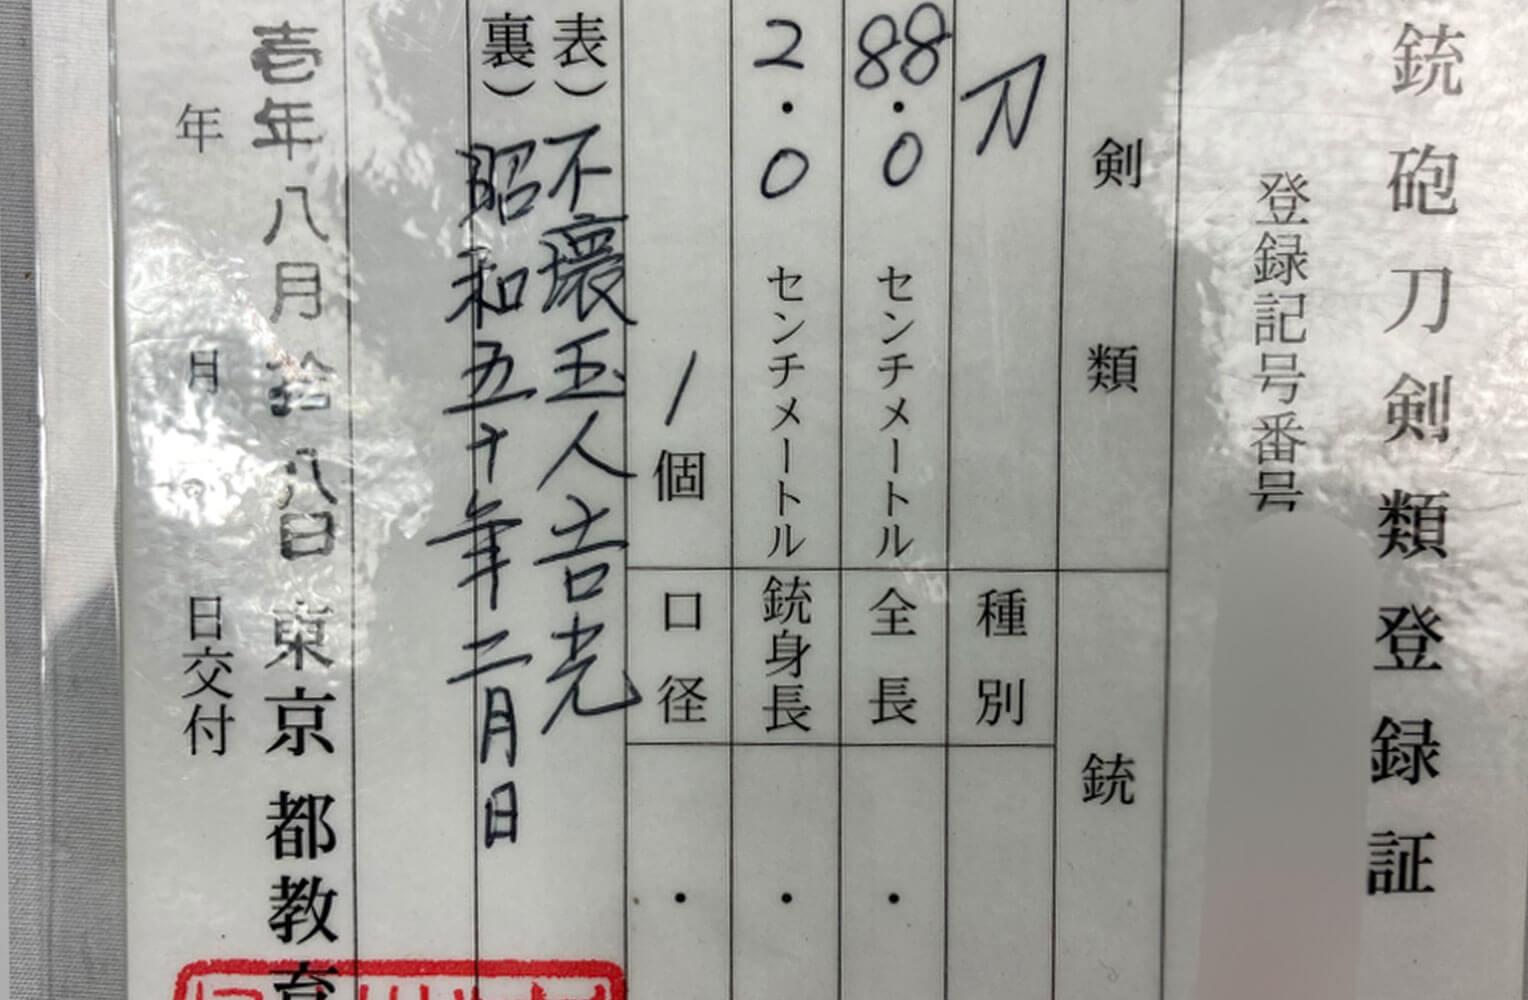 現代刀 銘『不壊玉人吉光 昭和五十年二月日』 刀剣登録証